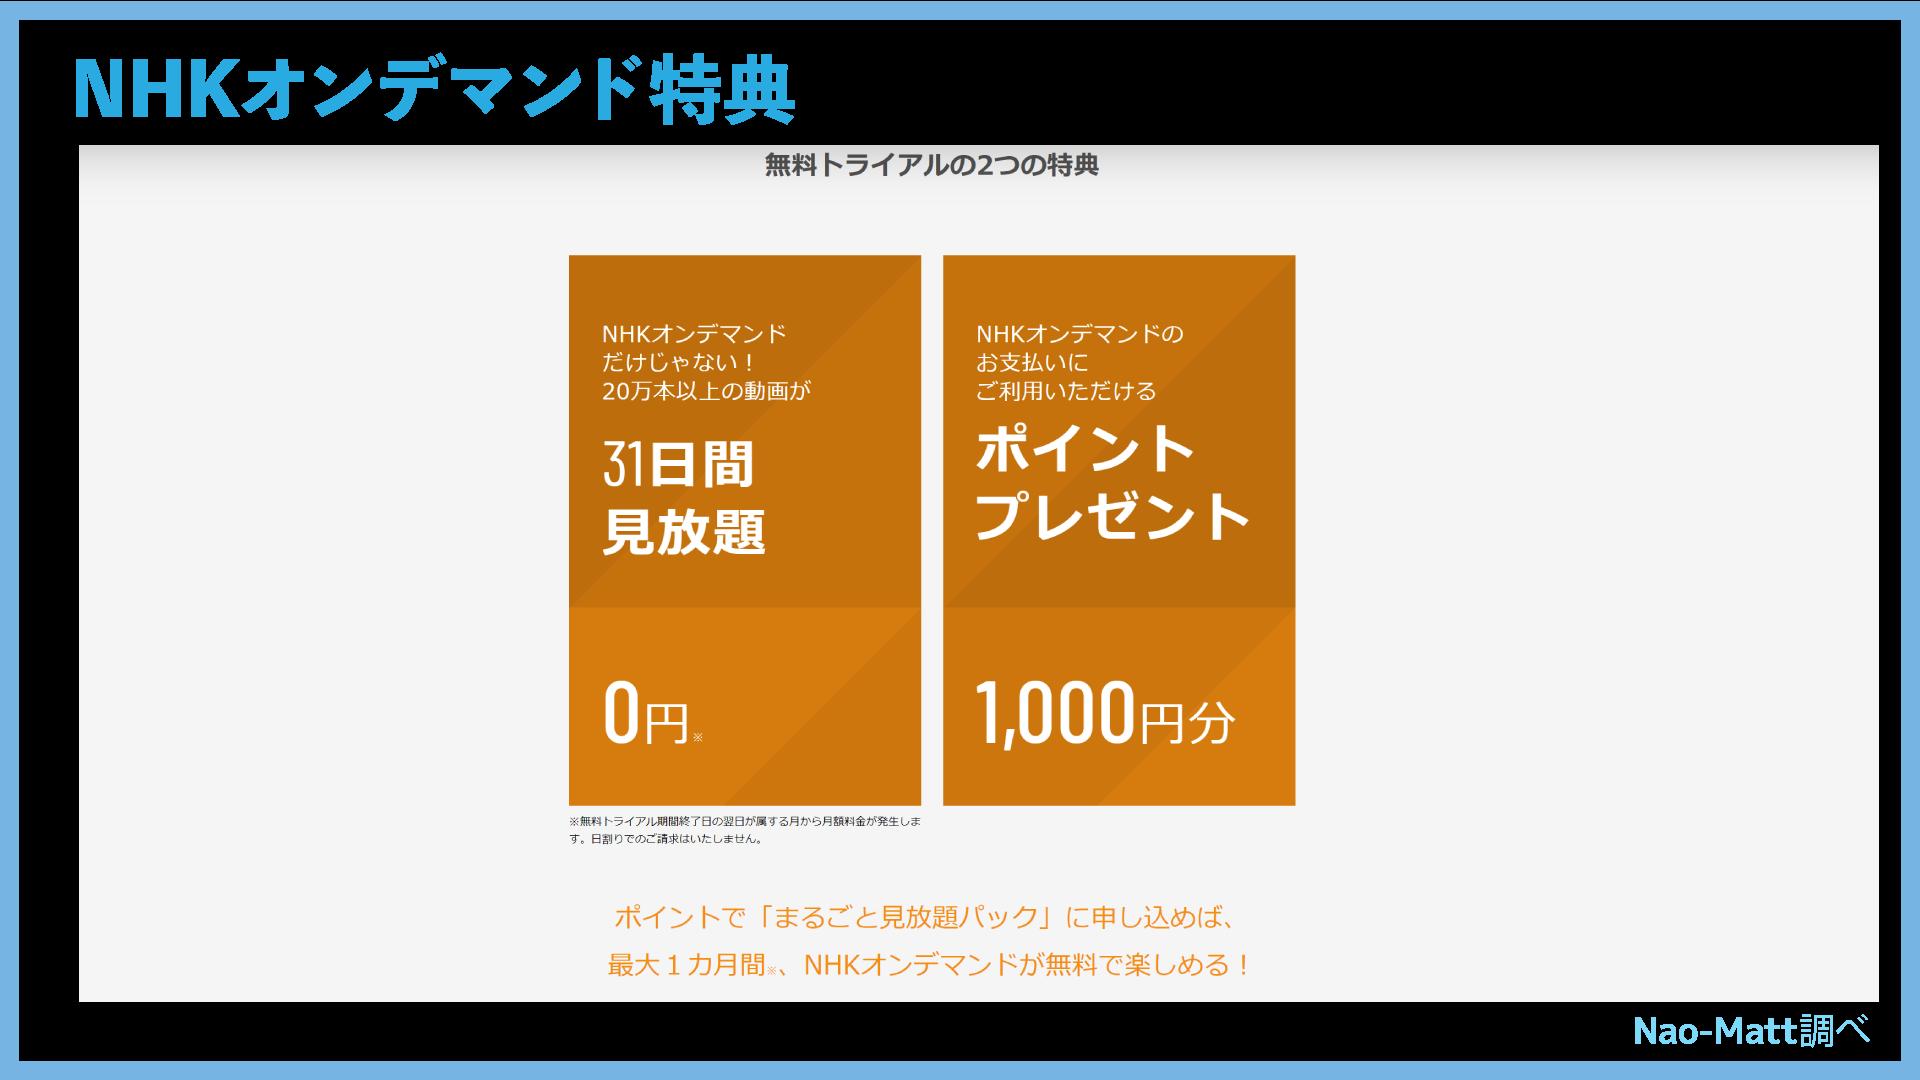 NHKオンデマンドの特典画像です